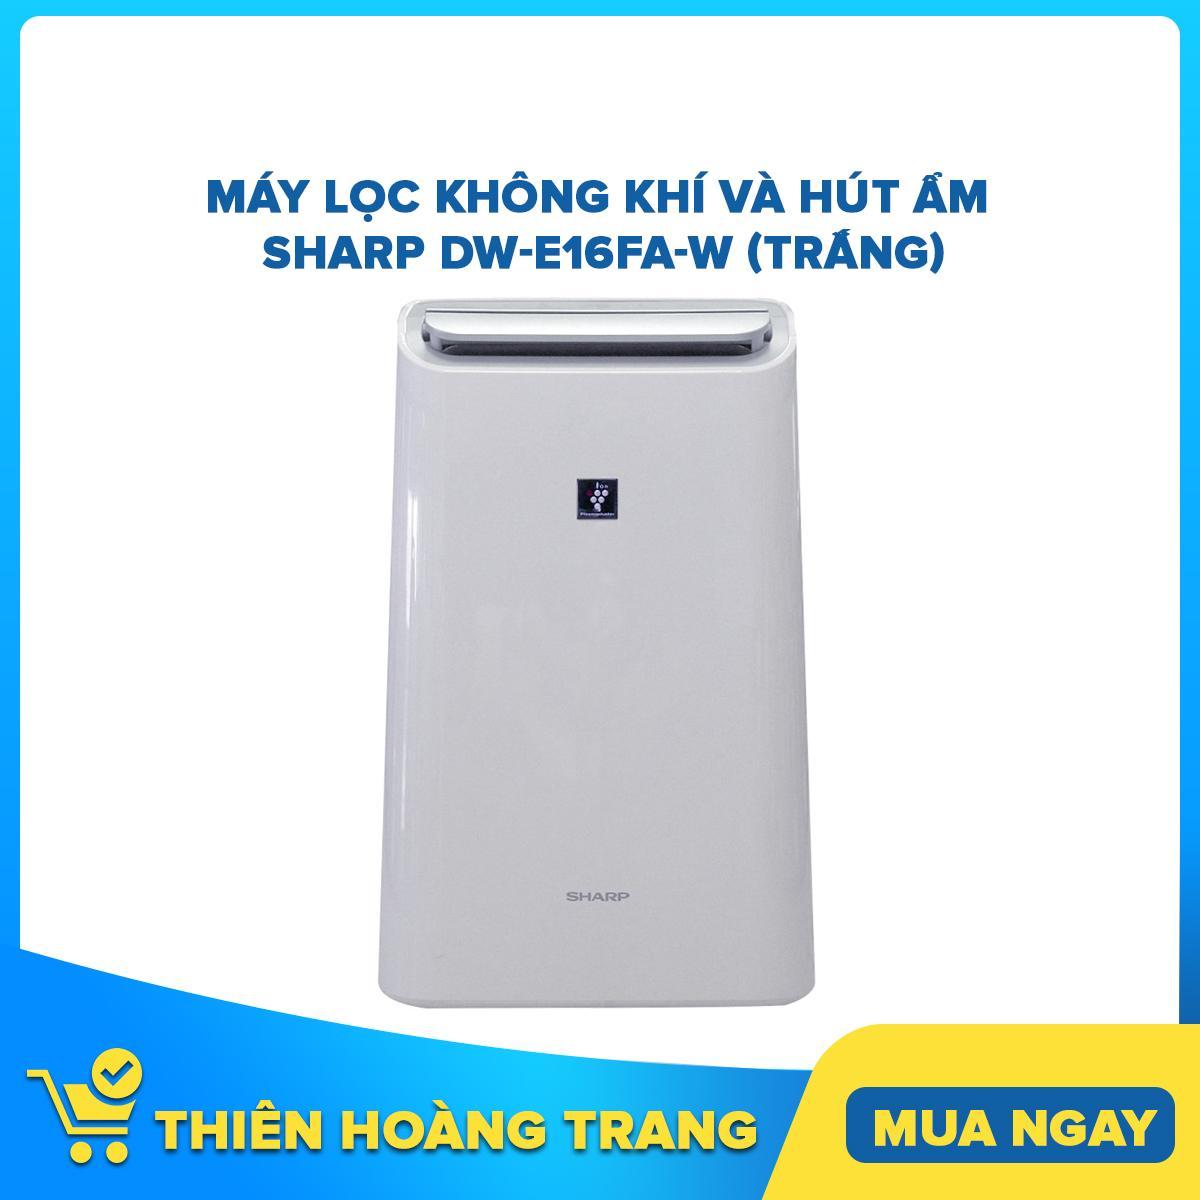 Bảng giá Máy lọc không khí và hút ẩm Sharp DW-E16FA-W (Trắng)